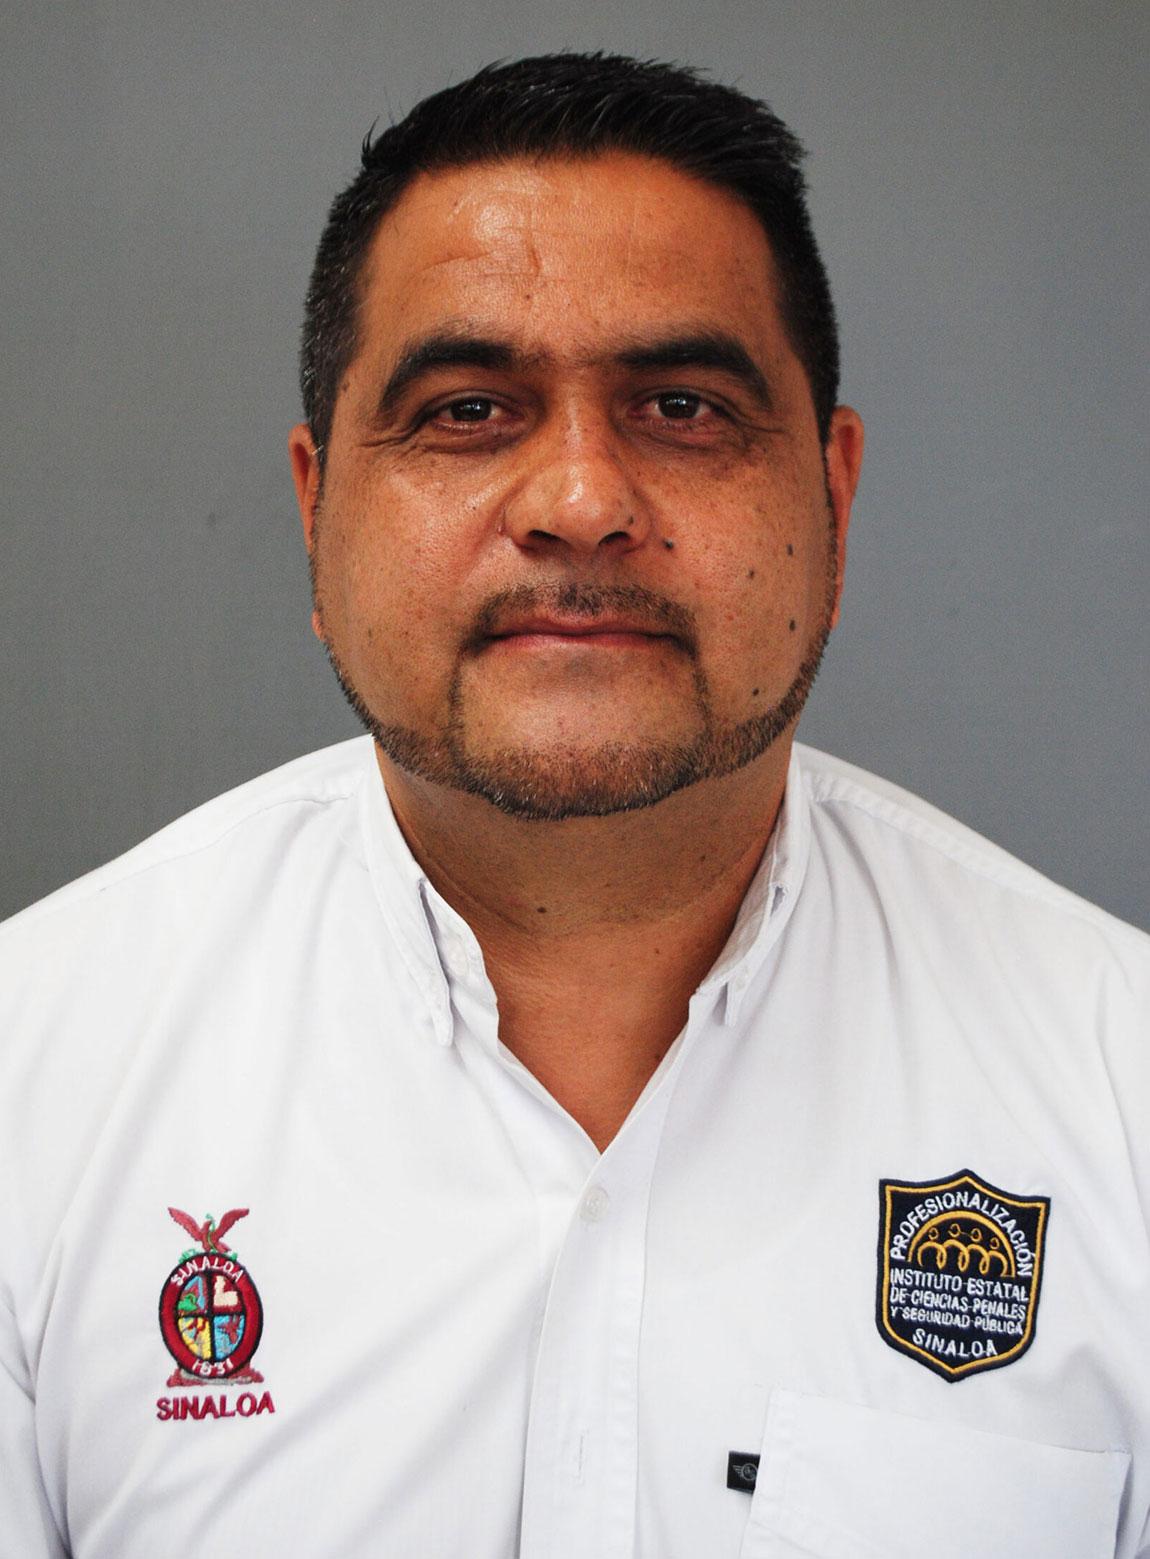 Lic. Oscar Navarrete Leyva